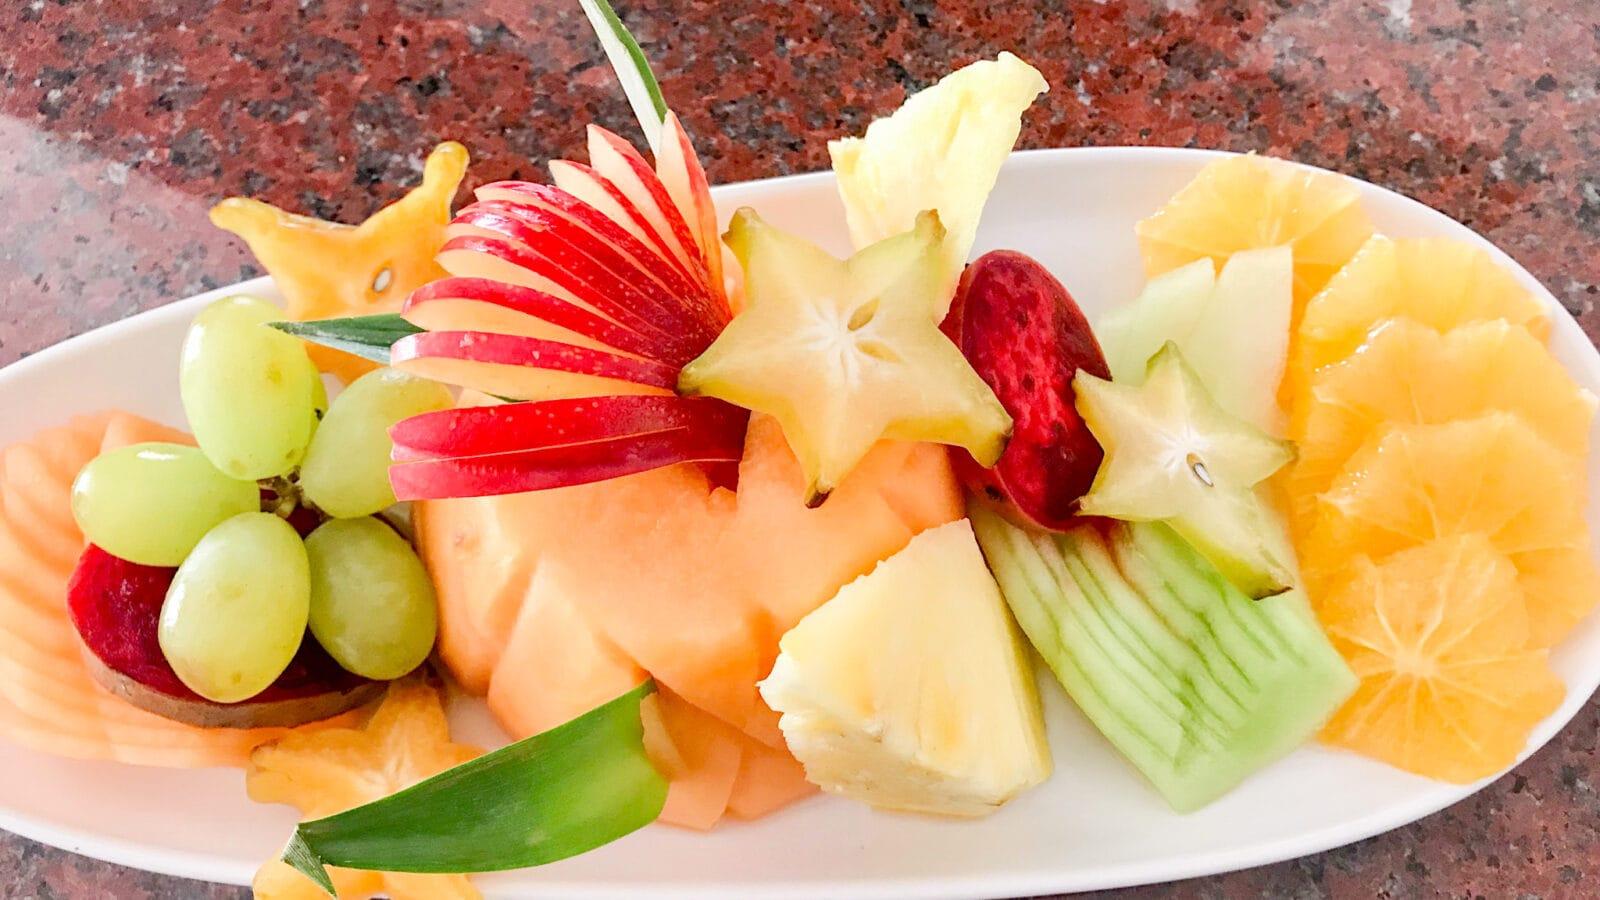 fresh fruit on a plate in Aruba.